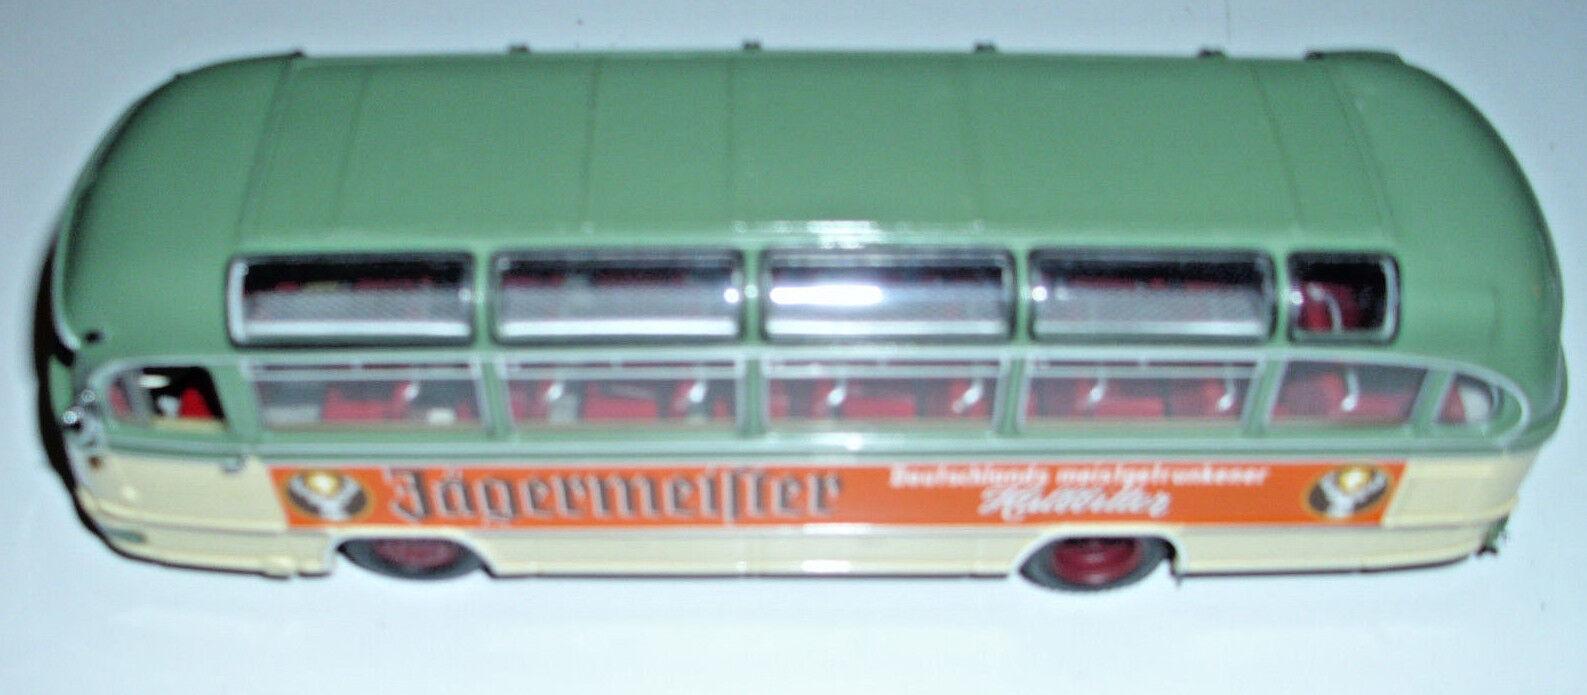 Minichamps 1 43 1957 Mercedes-Benz O321H Bus Jagermeister Edición Limitada 1 799